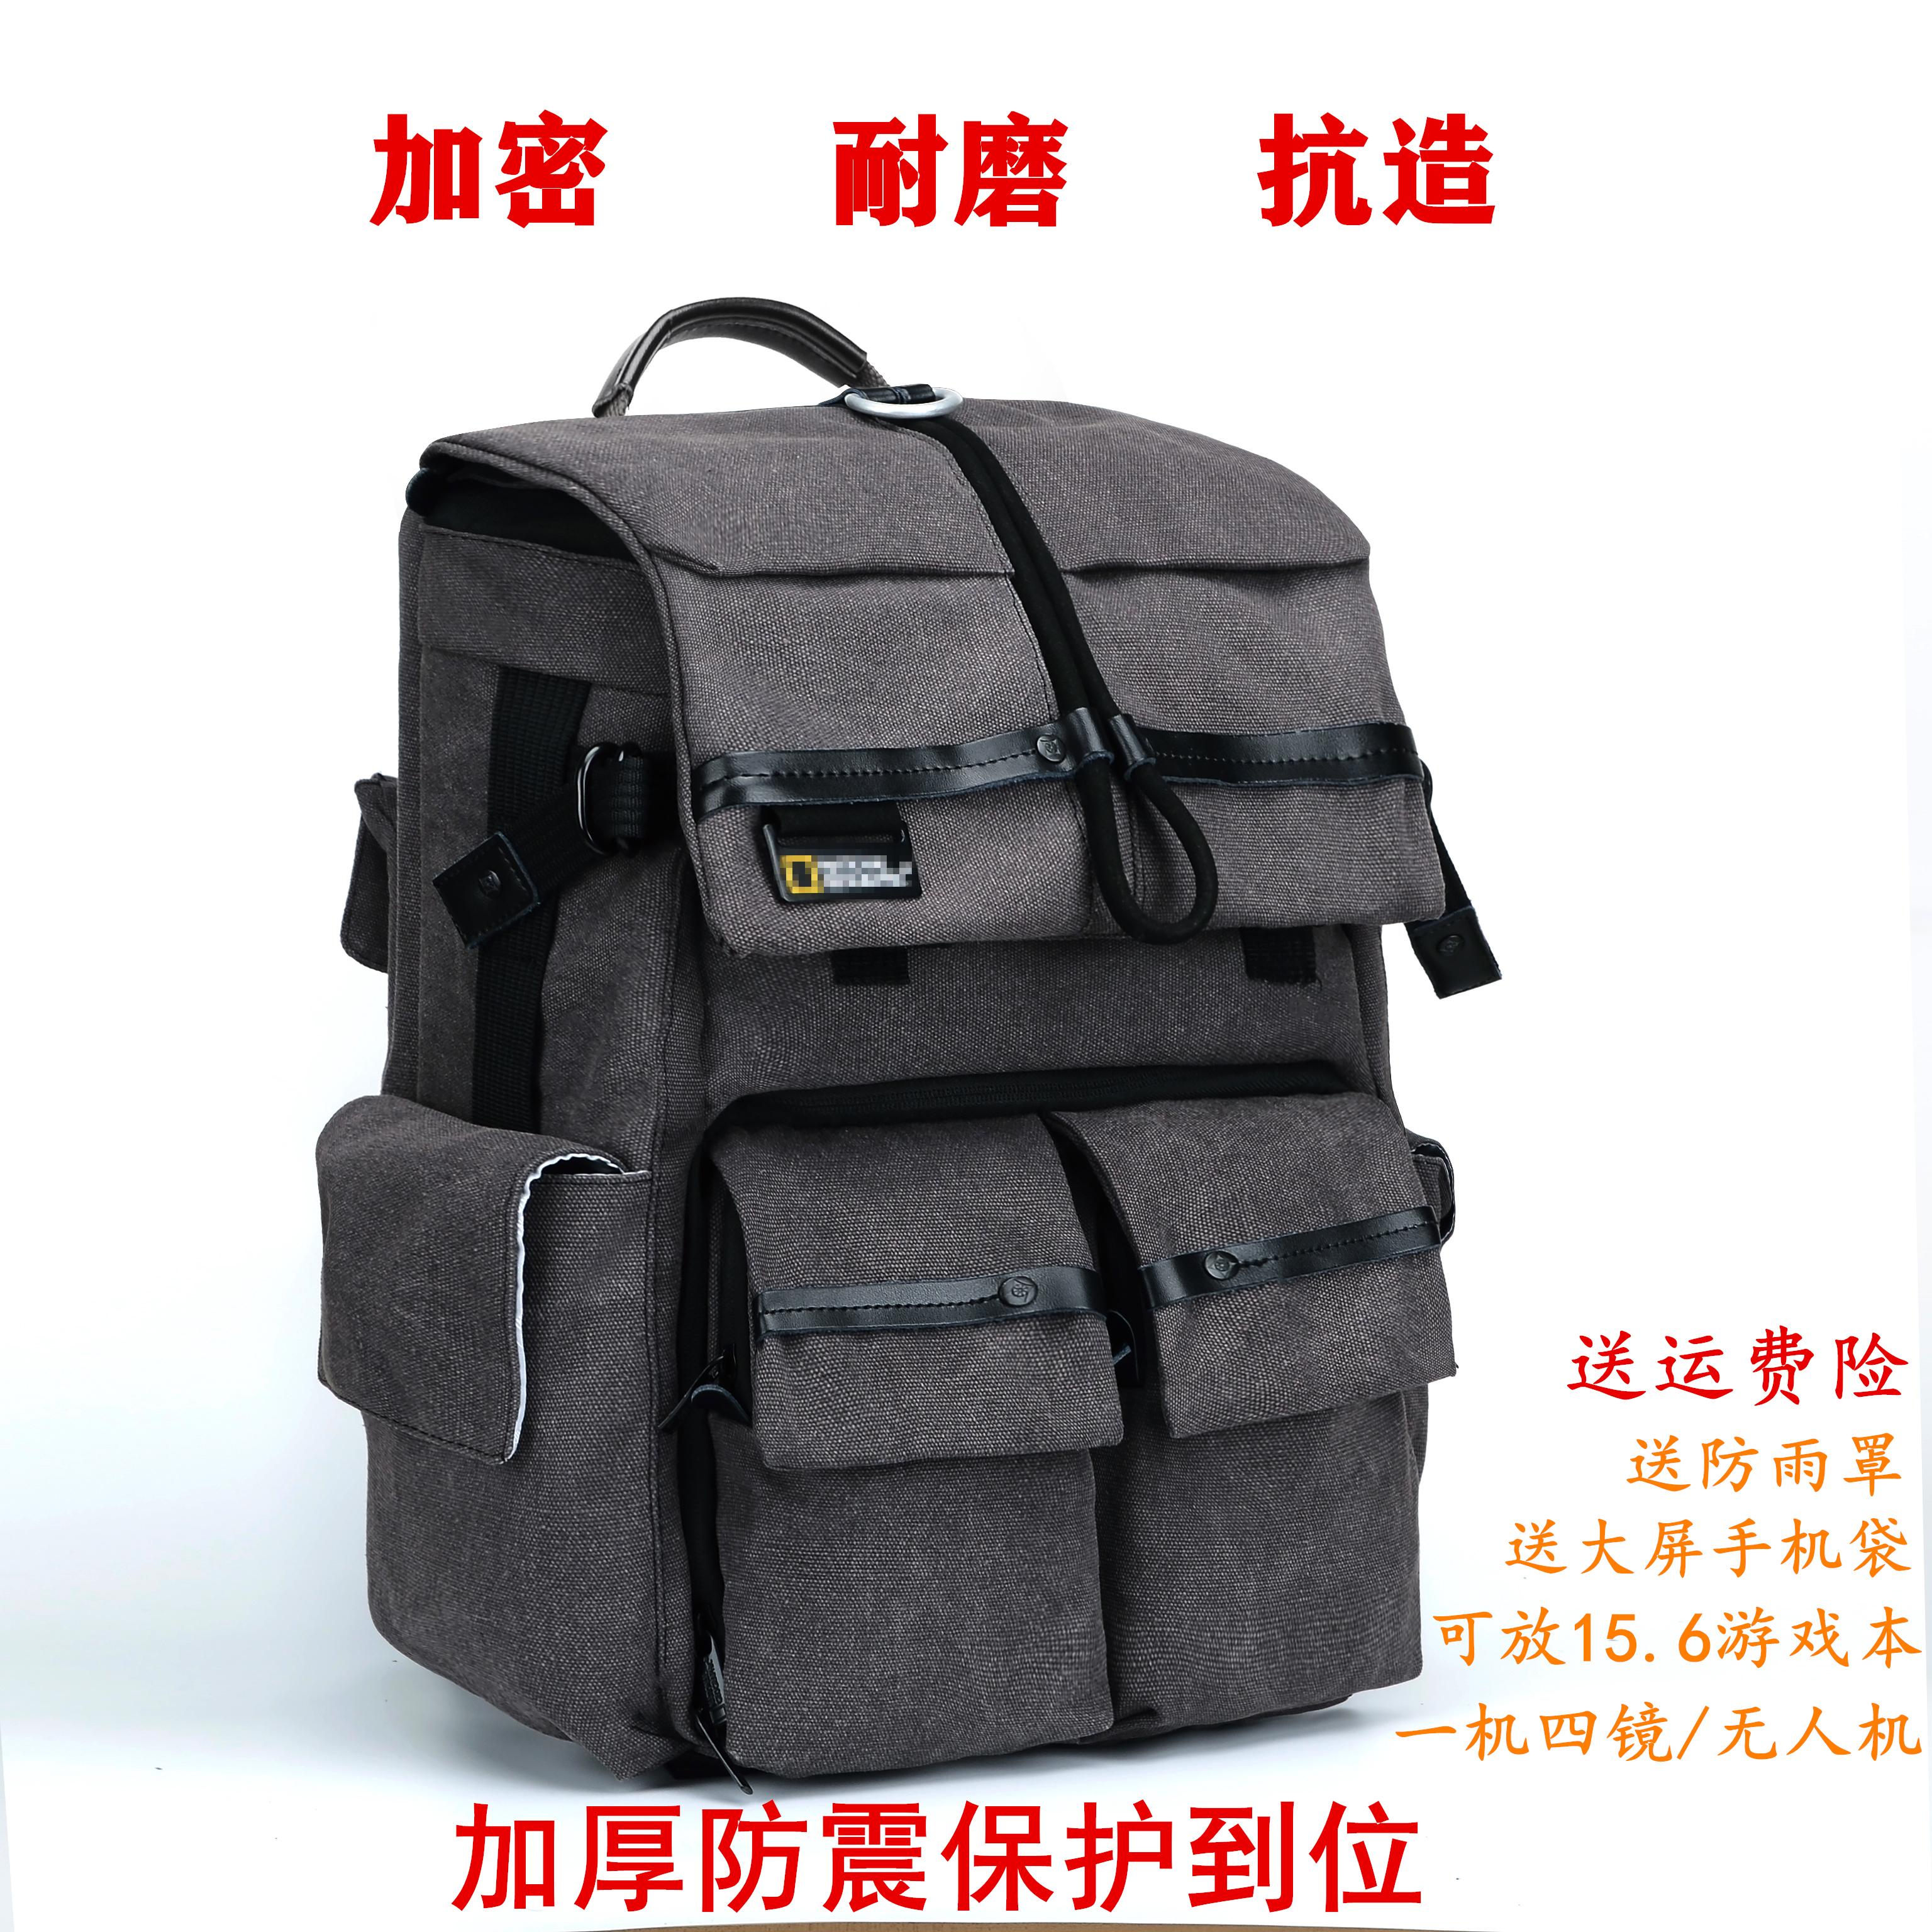 国家地理5070 5072男女帆布休闲摄影包防盗双肩单反相机电脑背包